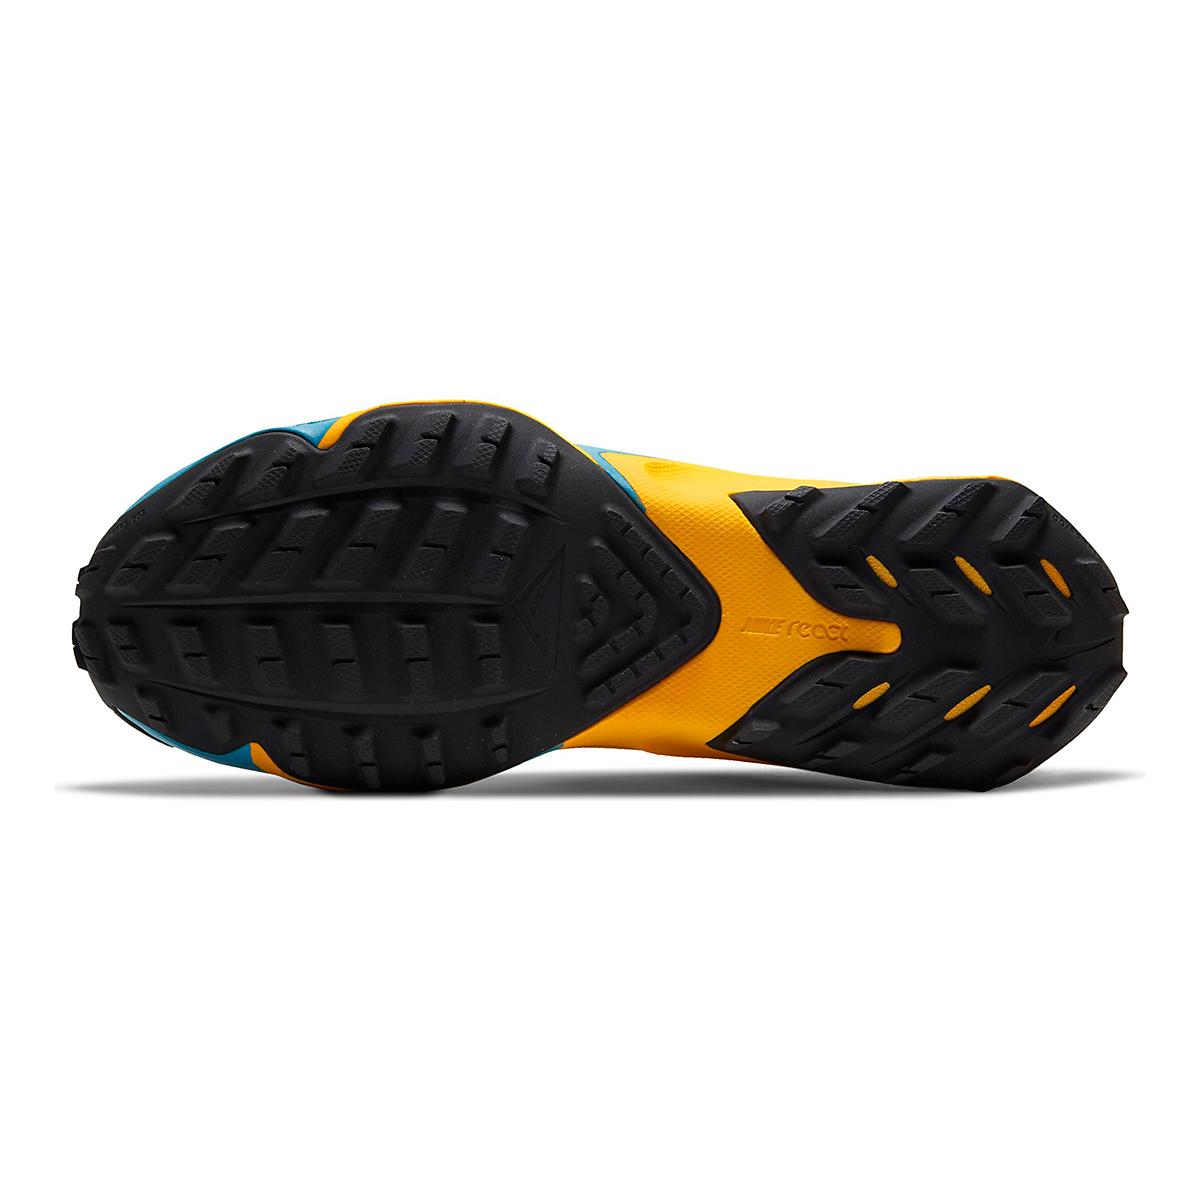 Men's Nike Air Zoom Terra Kiger 7 Trail Running Shoe - Color: Limelight/Off Noir/Laser Blue - Size: 6.5 - Width: Regular, Limelight/Off Noir/Laser Blue, large, image 6